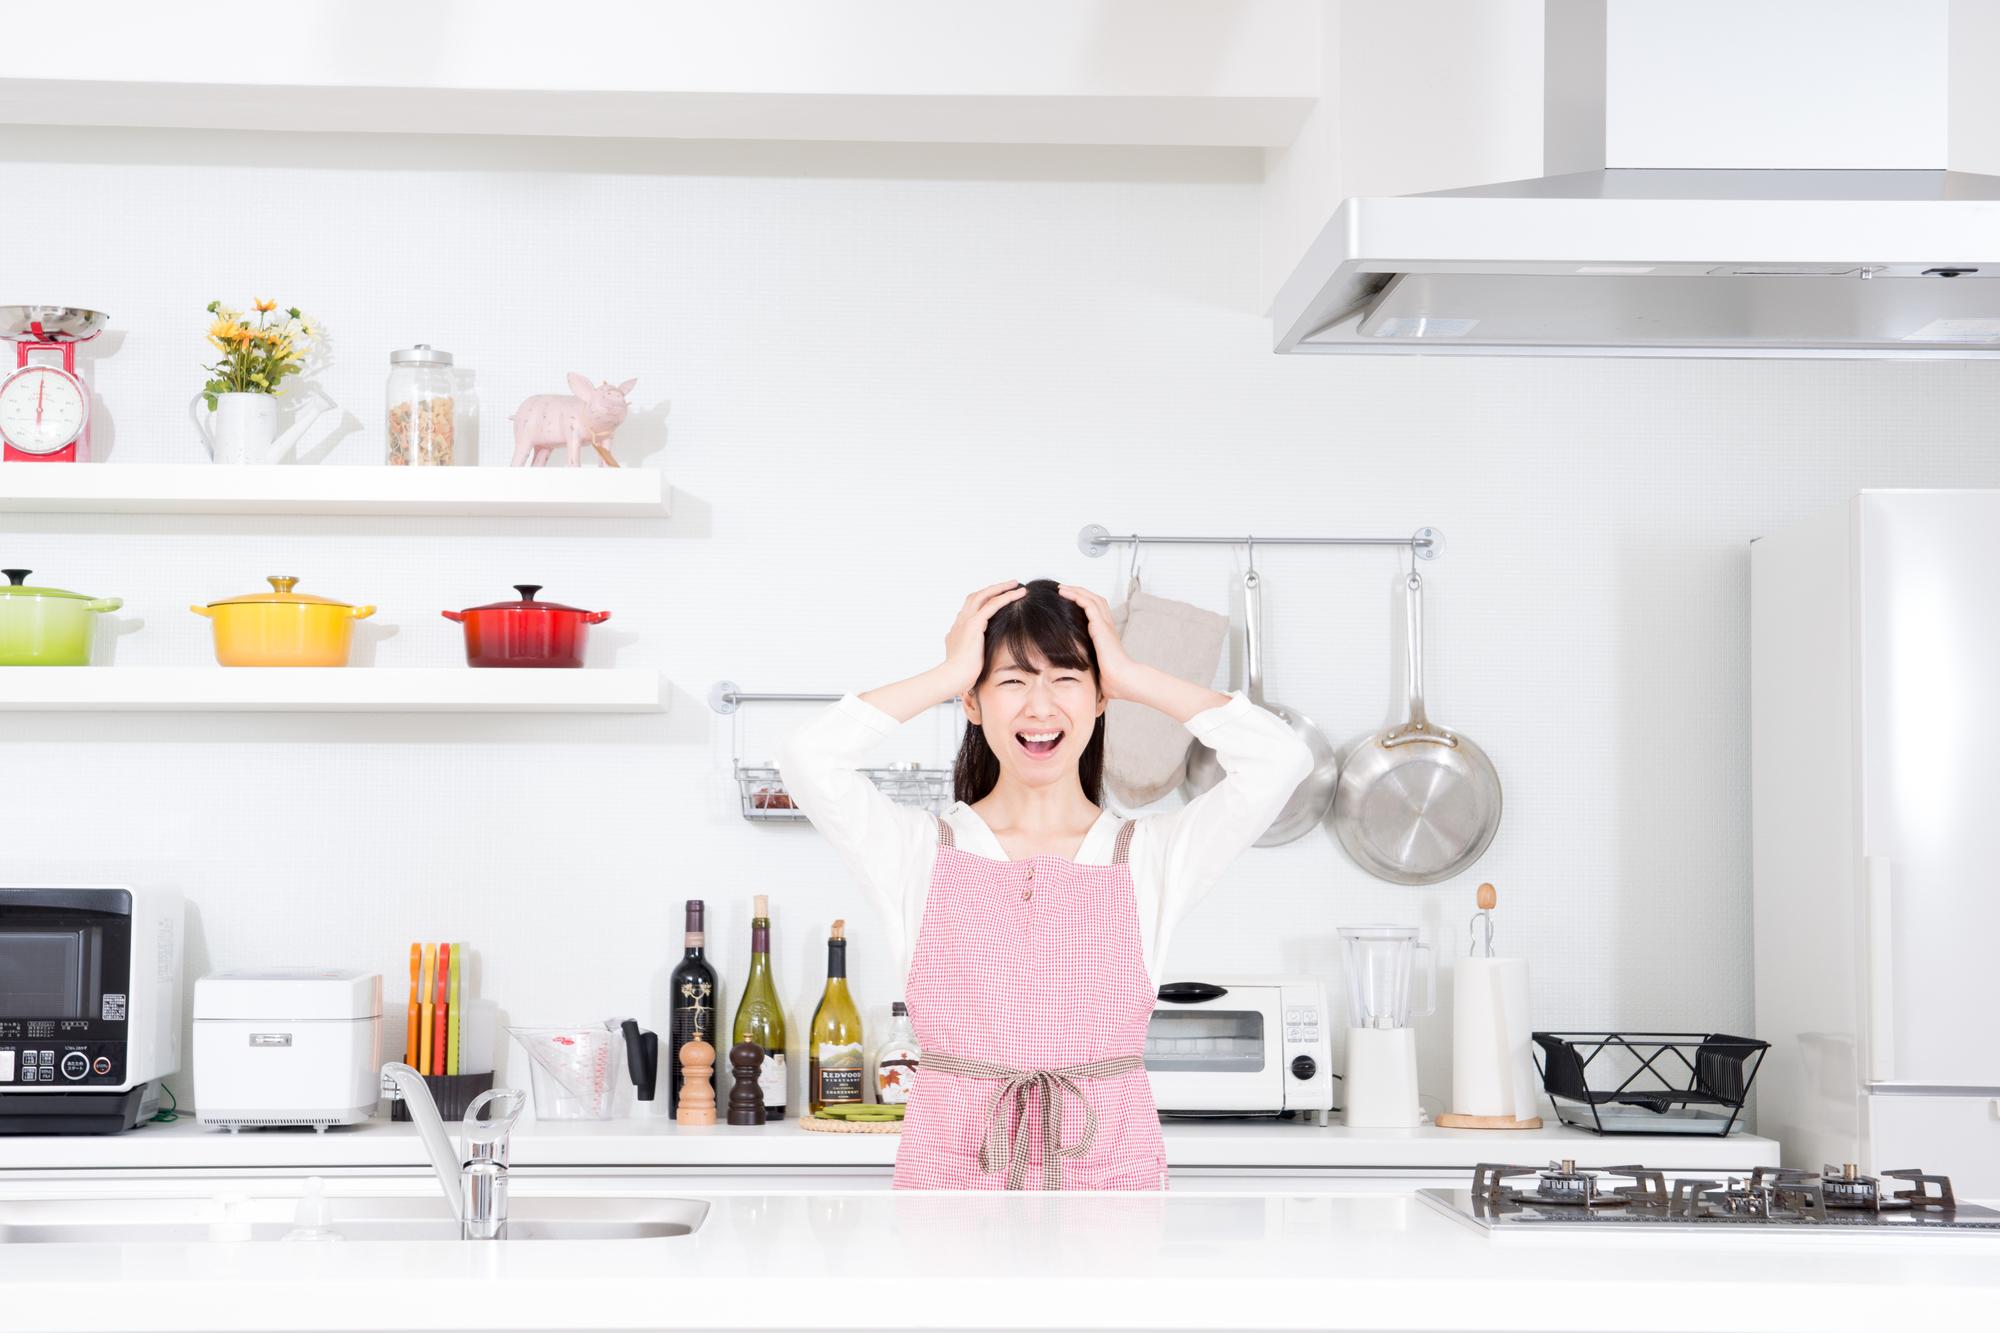 キッチンで困って頭を抱える女性